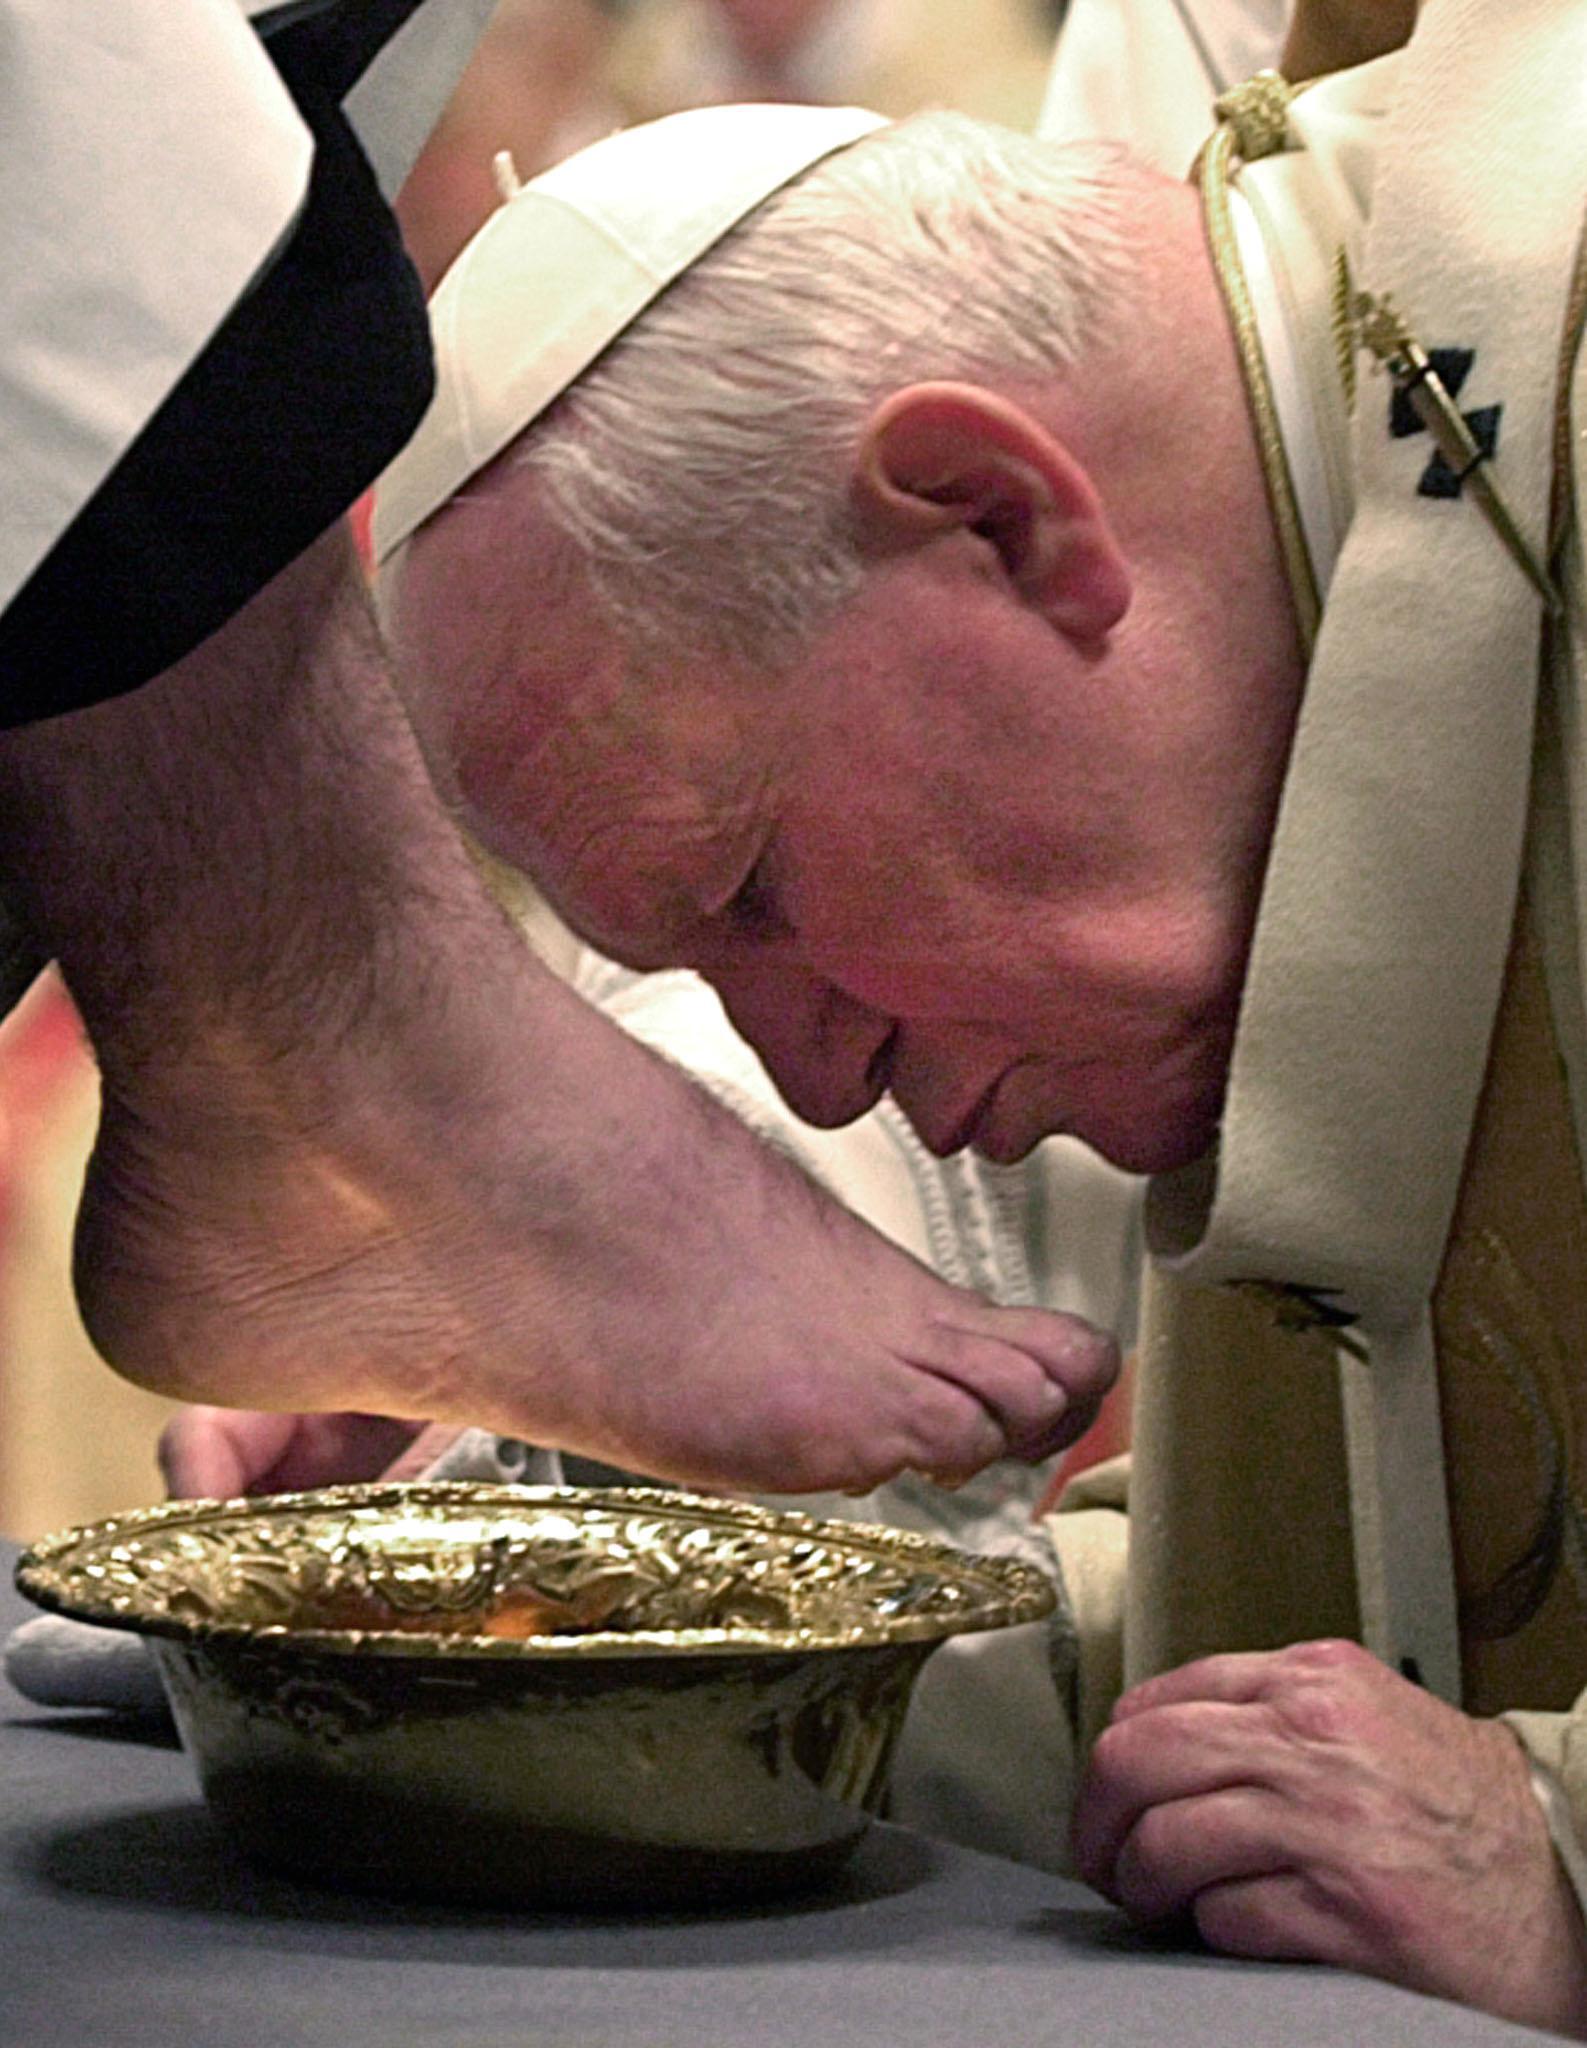 2000年4月20日,教宗若望保祿二世在彌撒中,親吻一名神職人員的腳。(Getty Images)